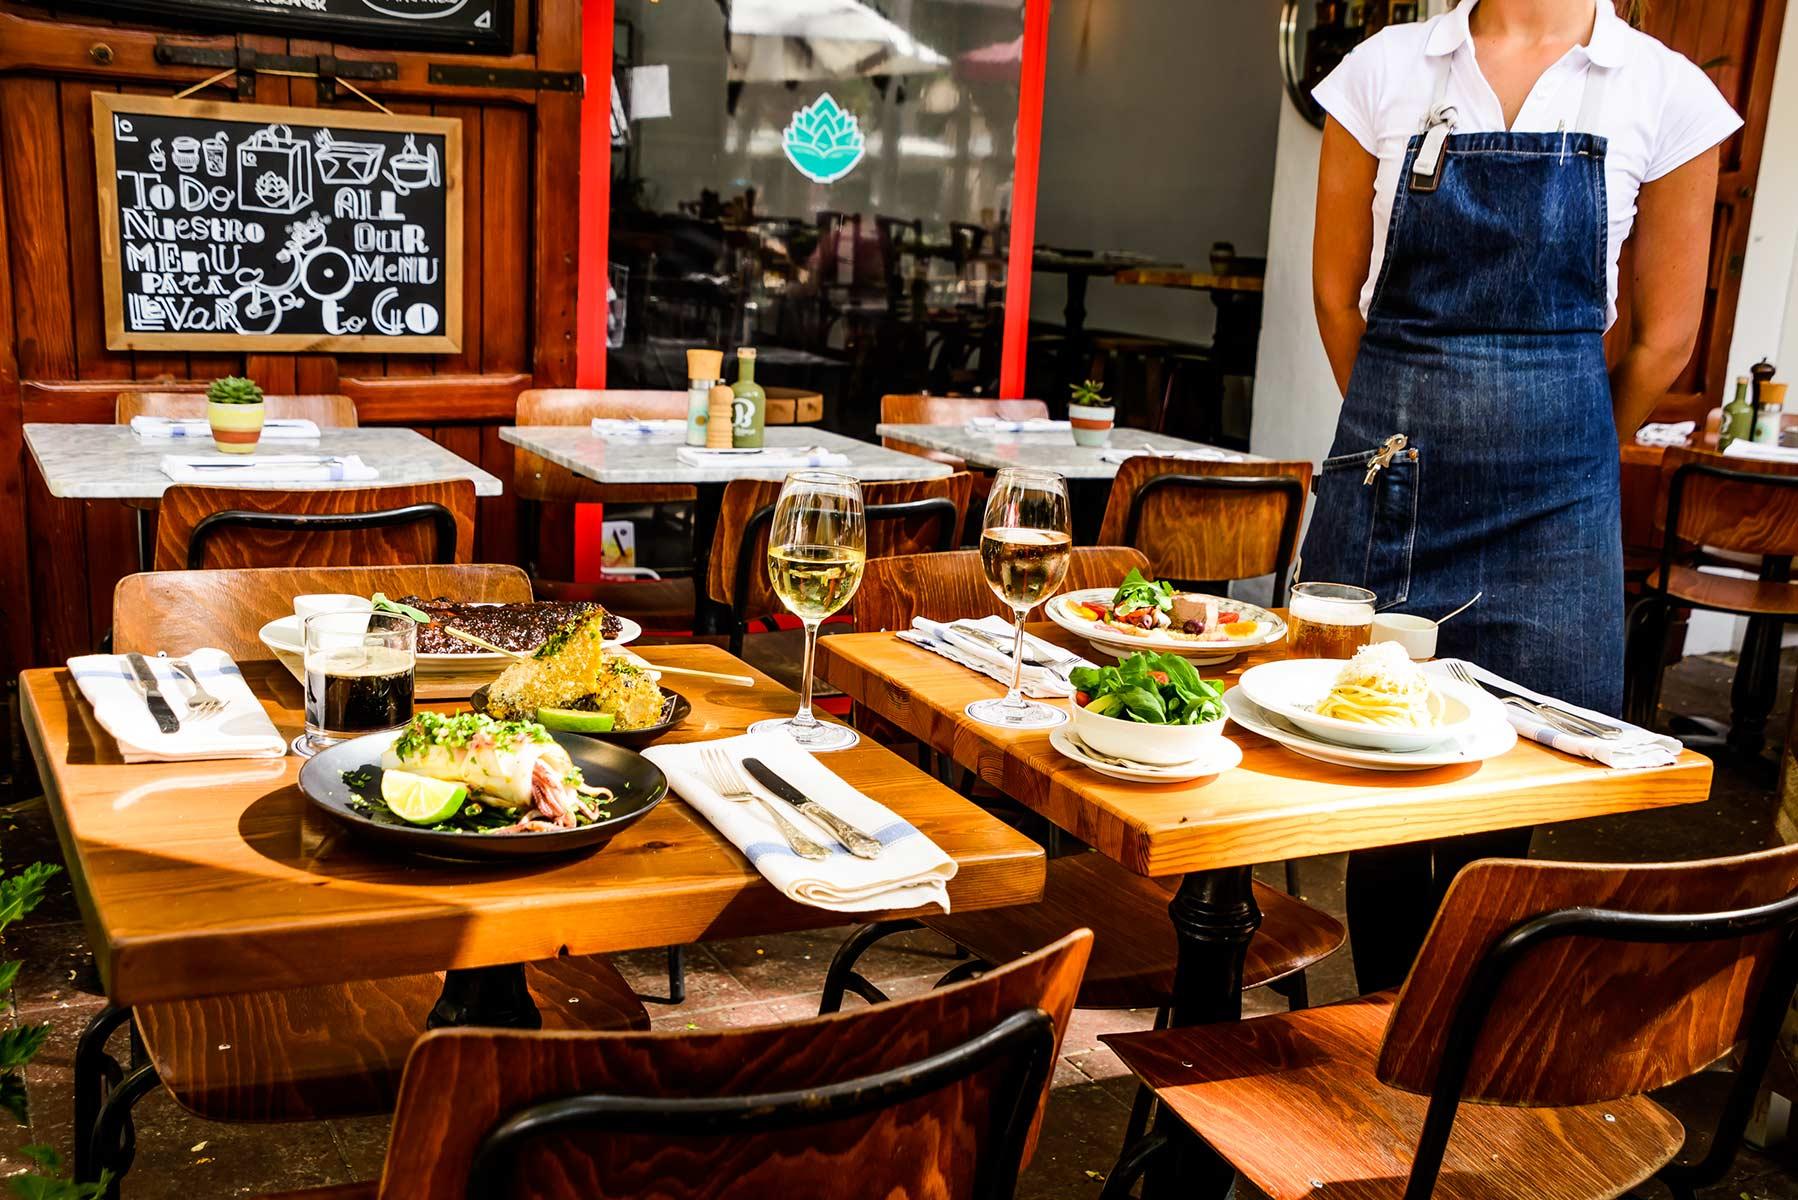 Tische Sthle Gastronomie. Elegant Sthle U Tische ...